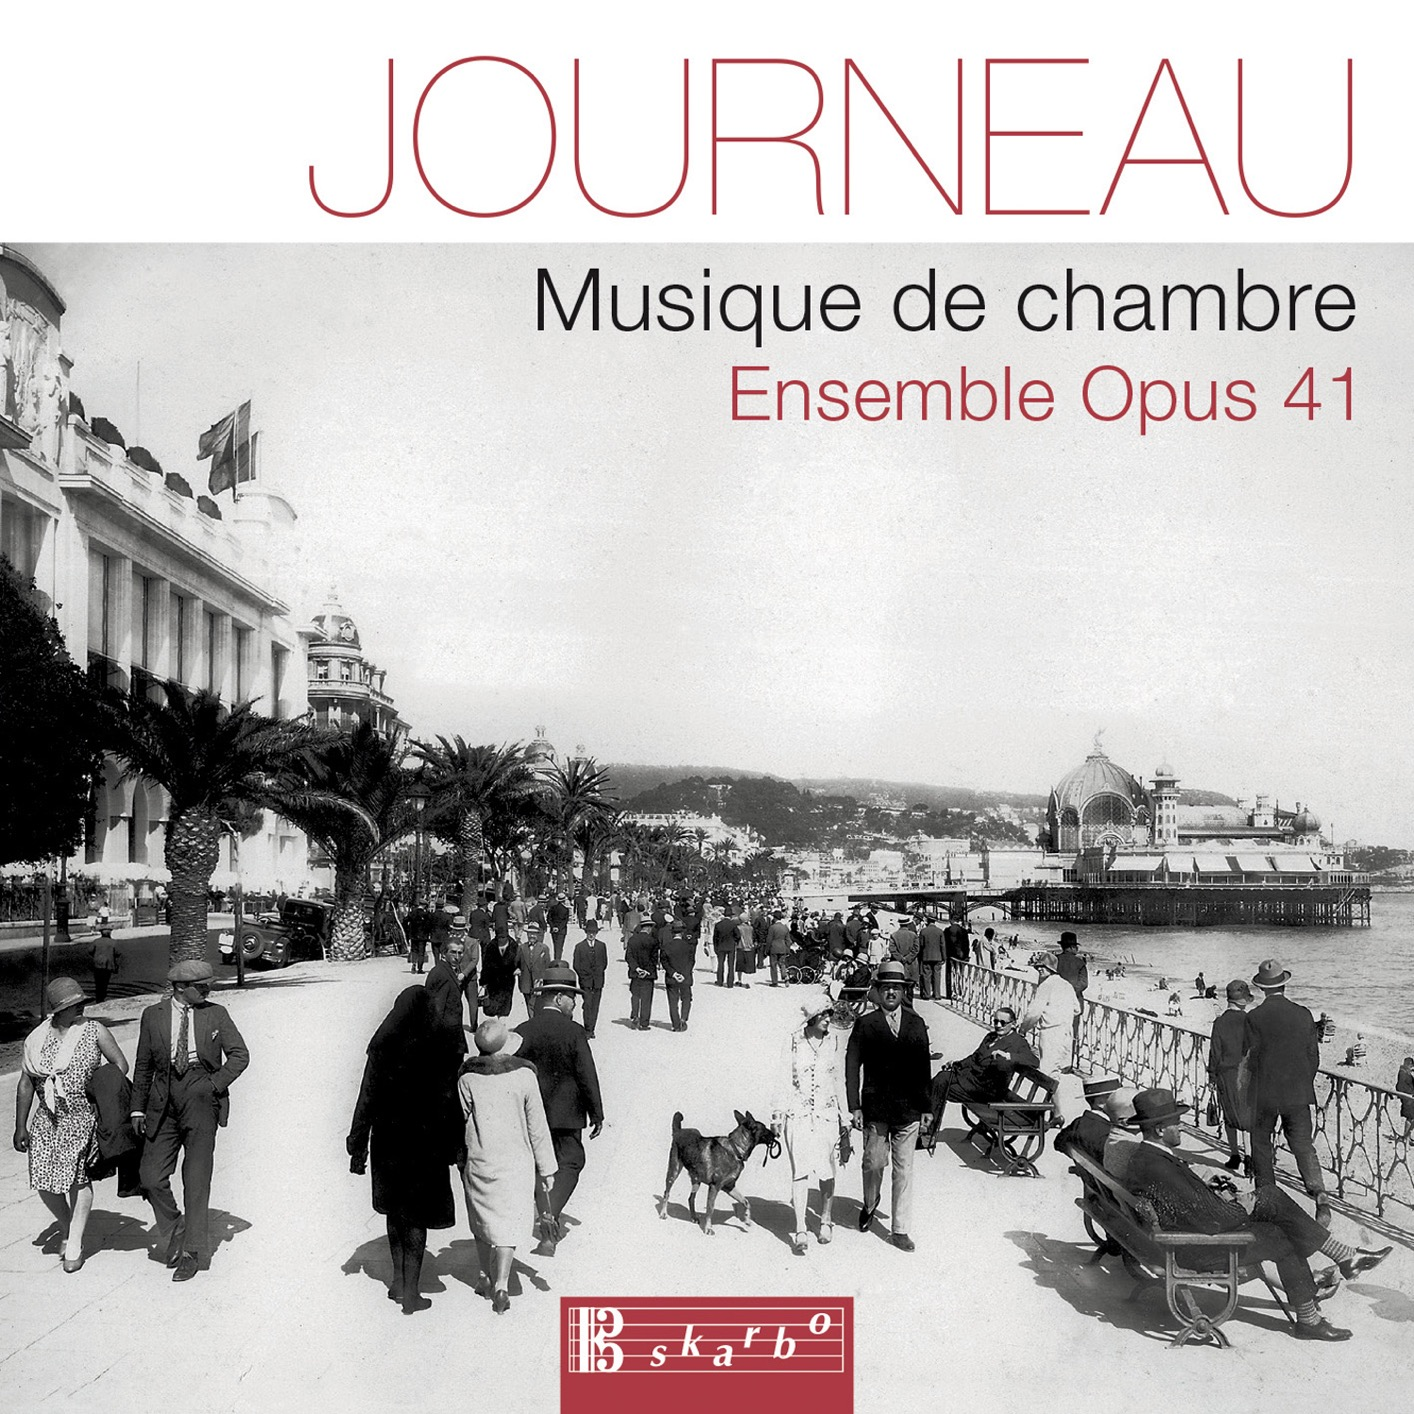 Journeau musique de chambre highresaudio for Bach musique de chambre